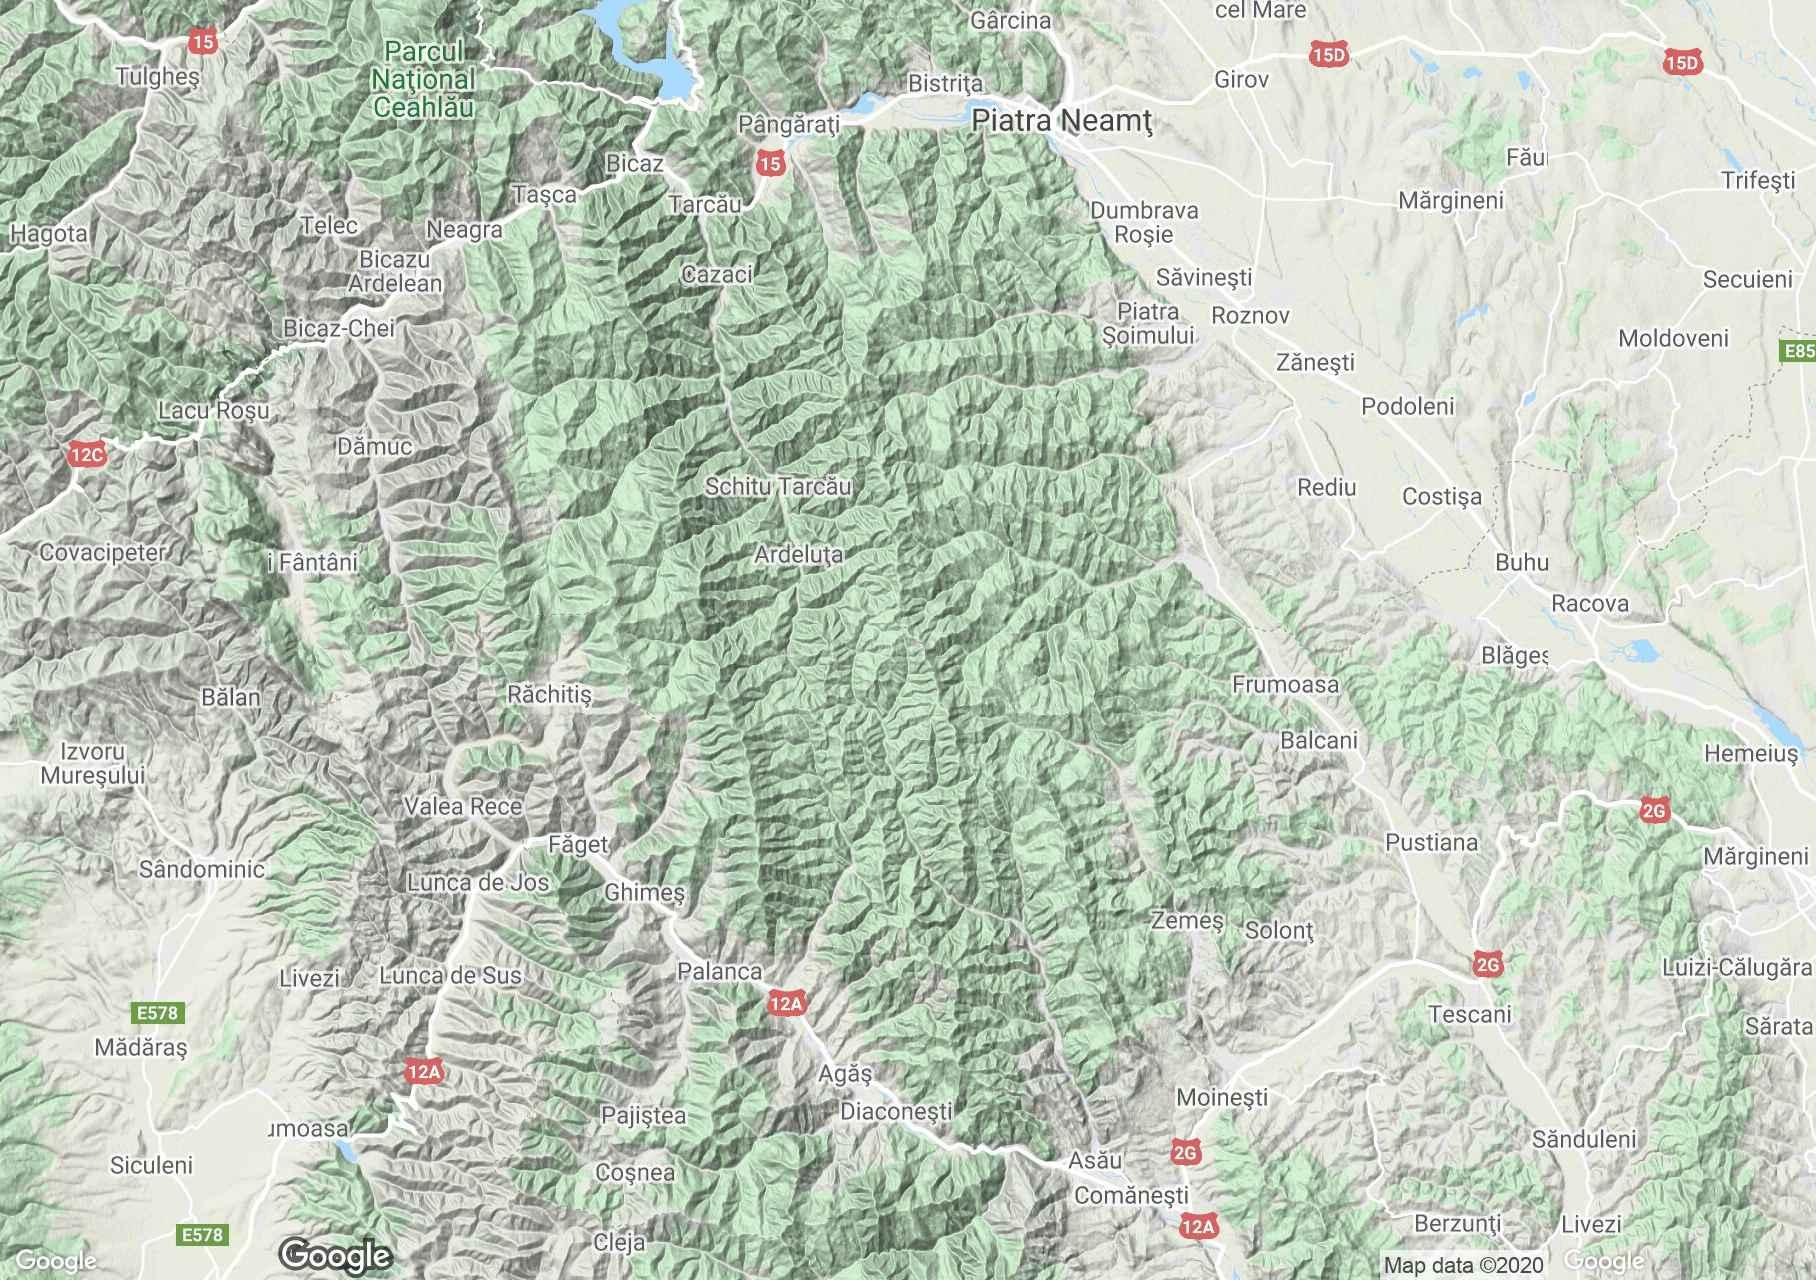 Gosmanu Mountains, Interactive tourist map